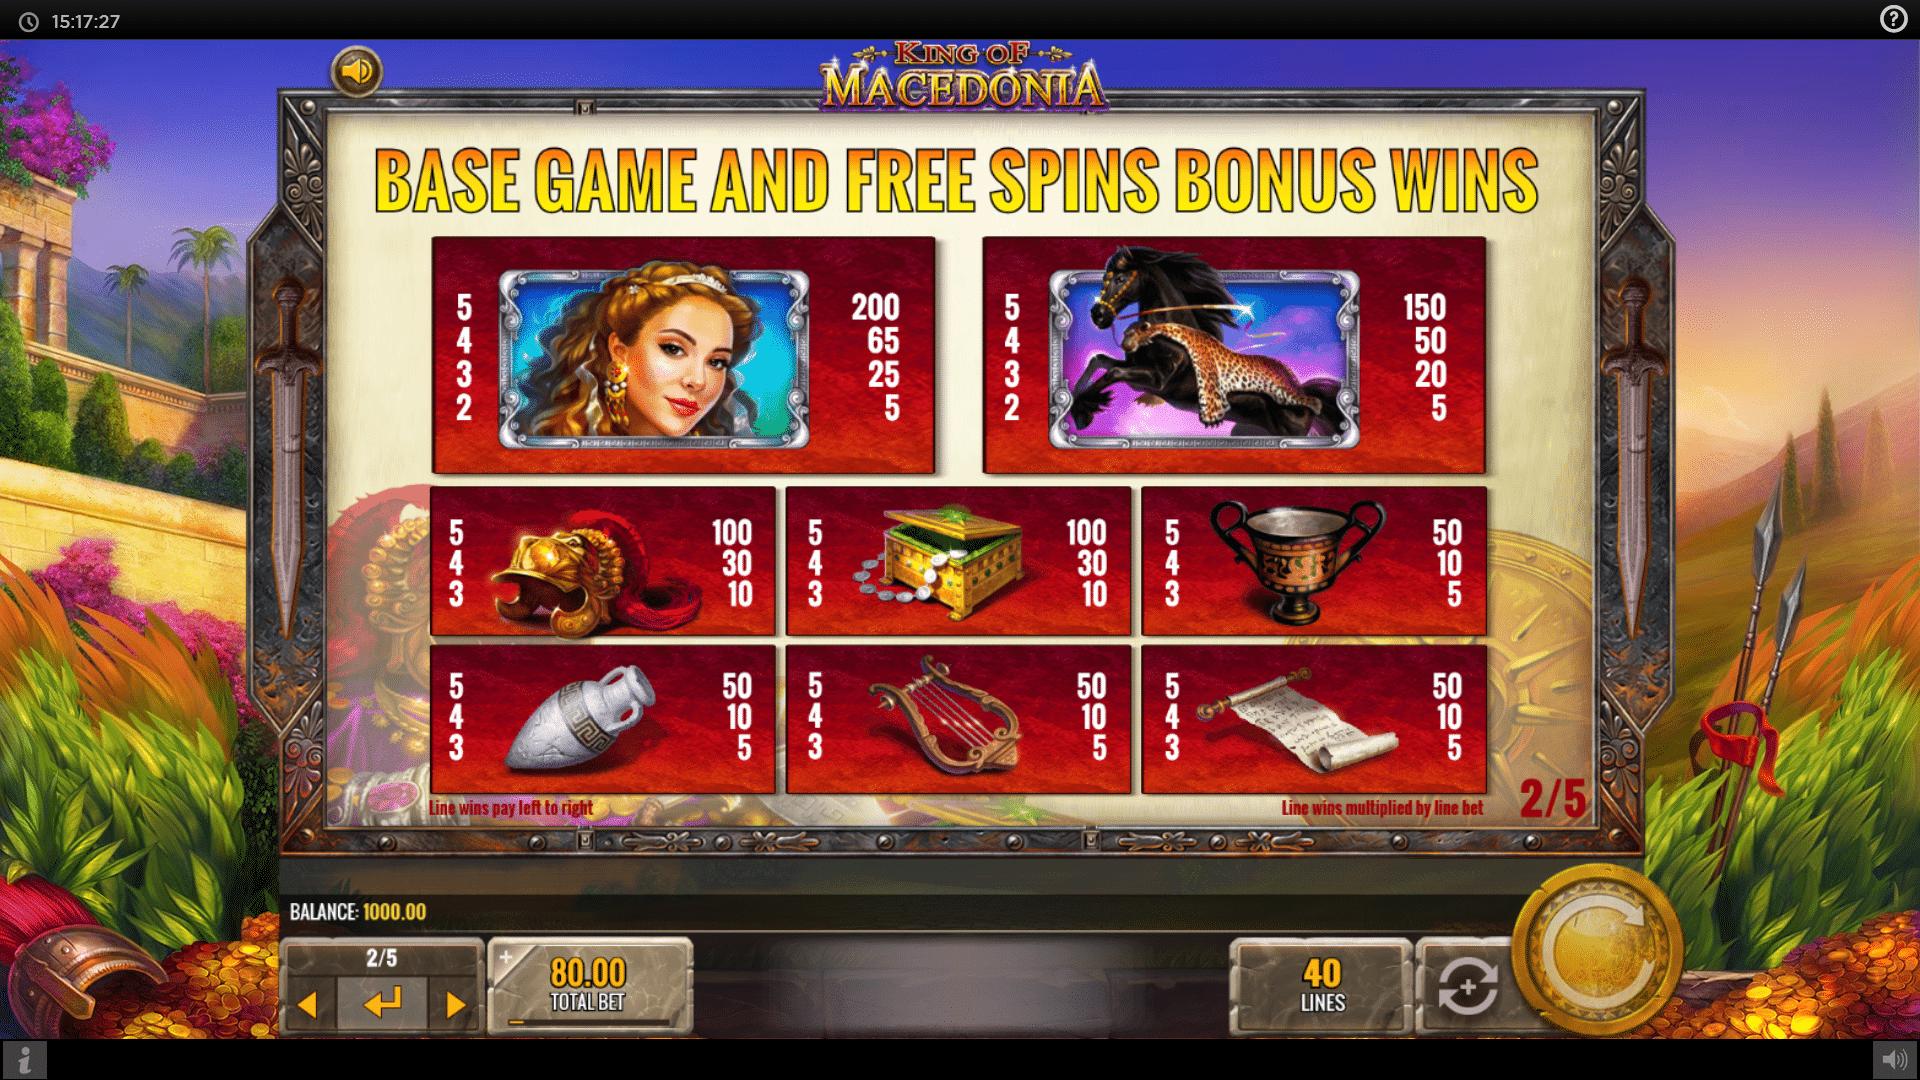 Tabella dei Pagamenti Slot gratis King of Macedonia